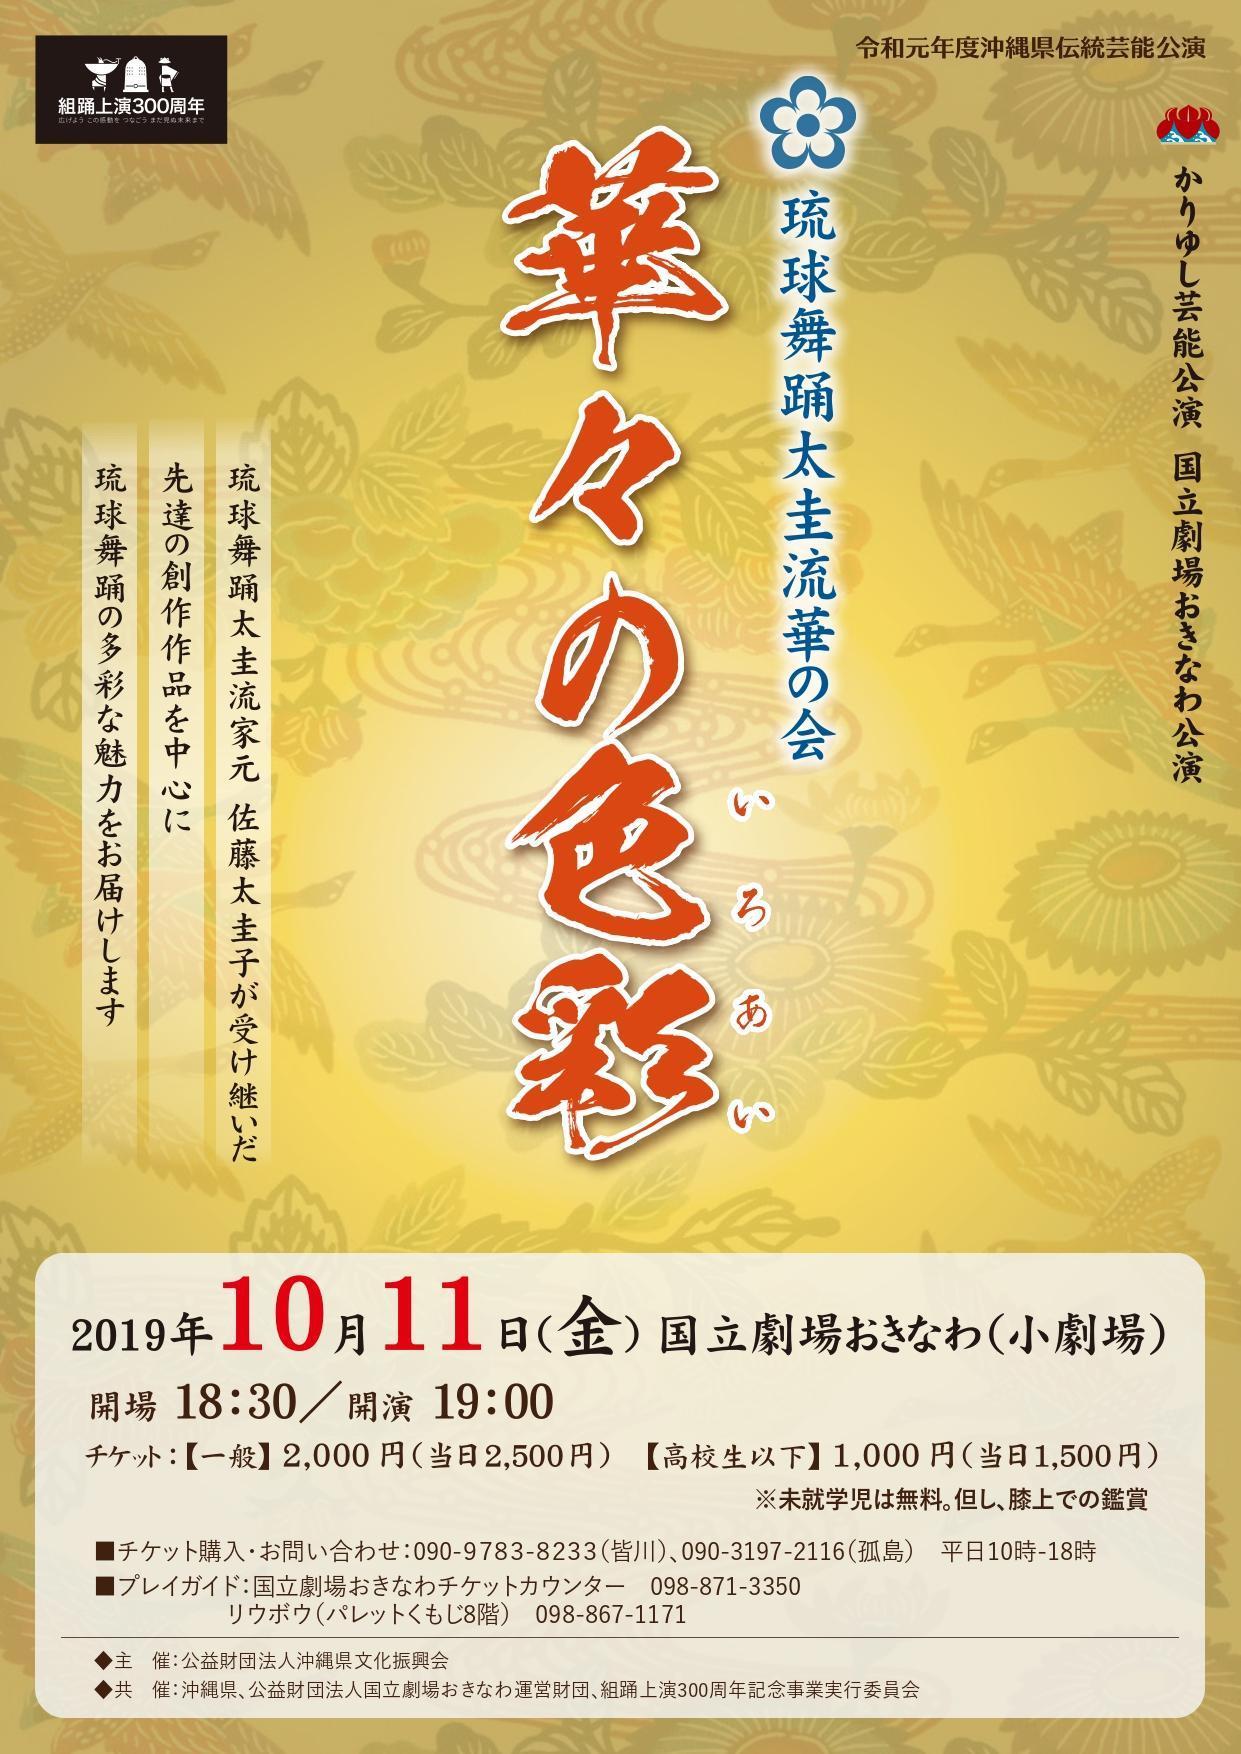 琉球舞踊太圭流華の会